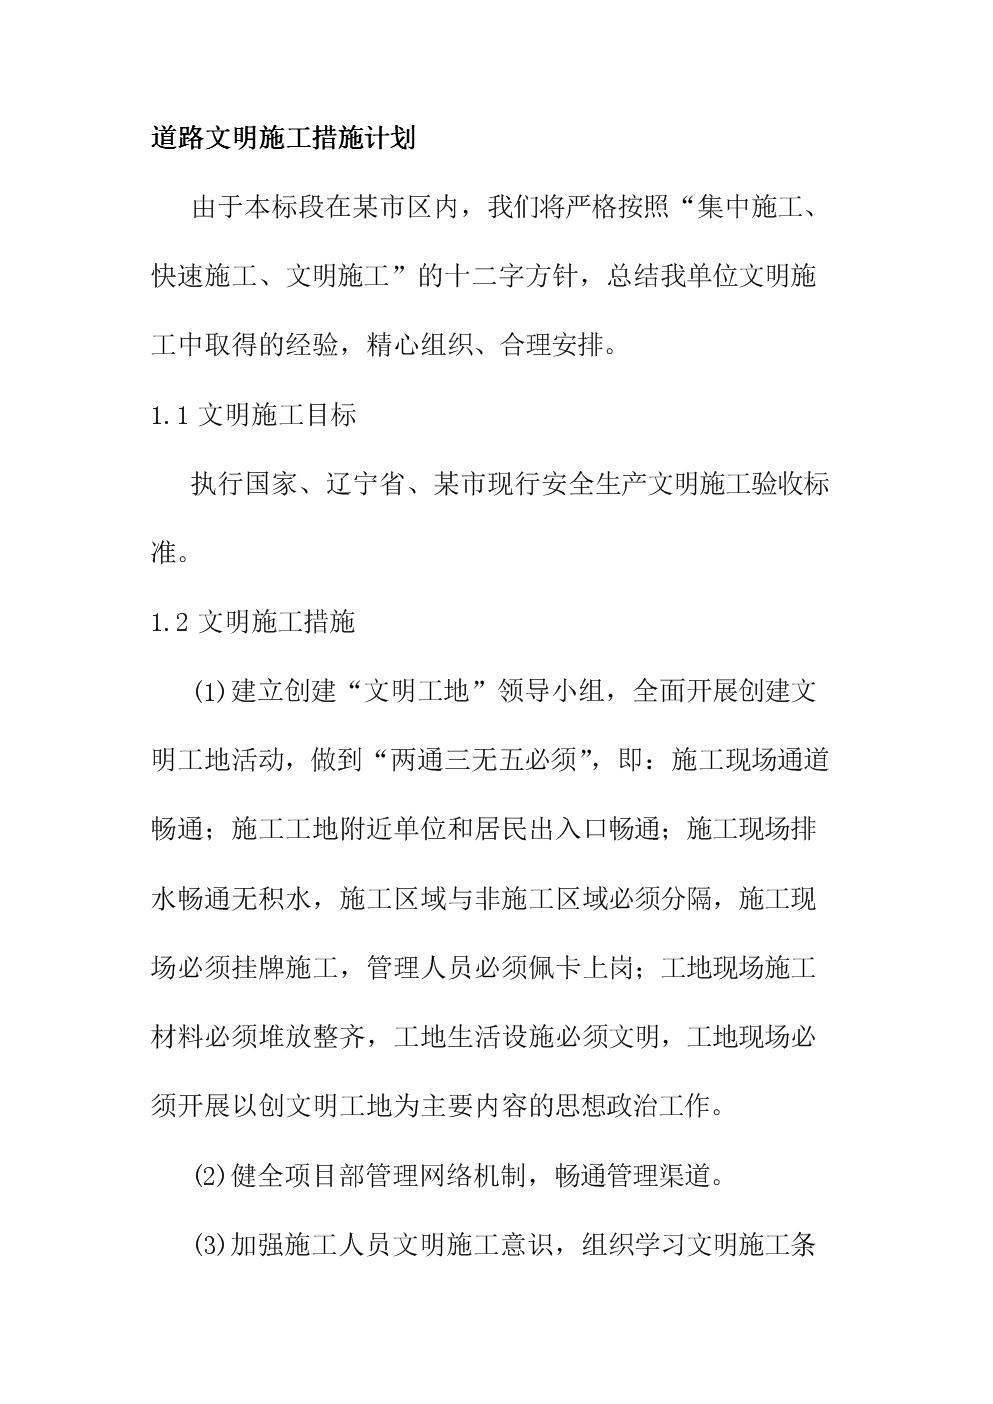 道路文明施工措施计划资料.doc